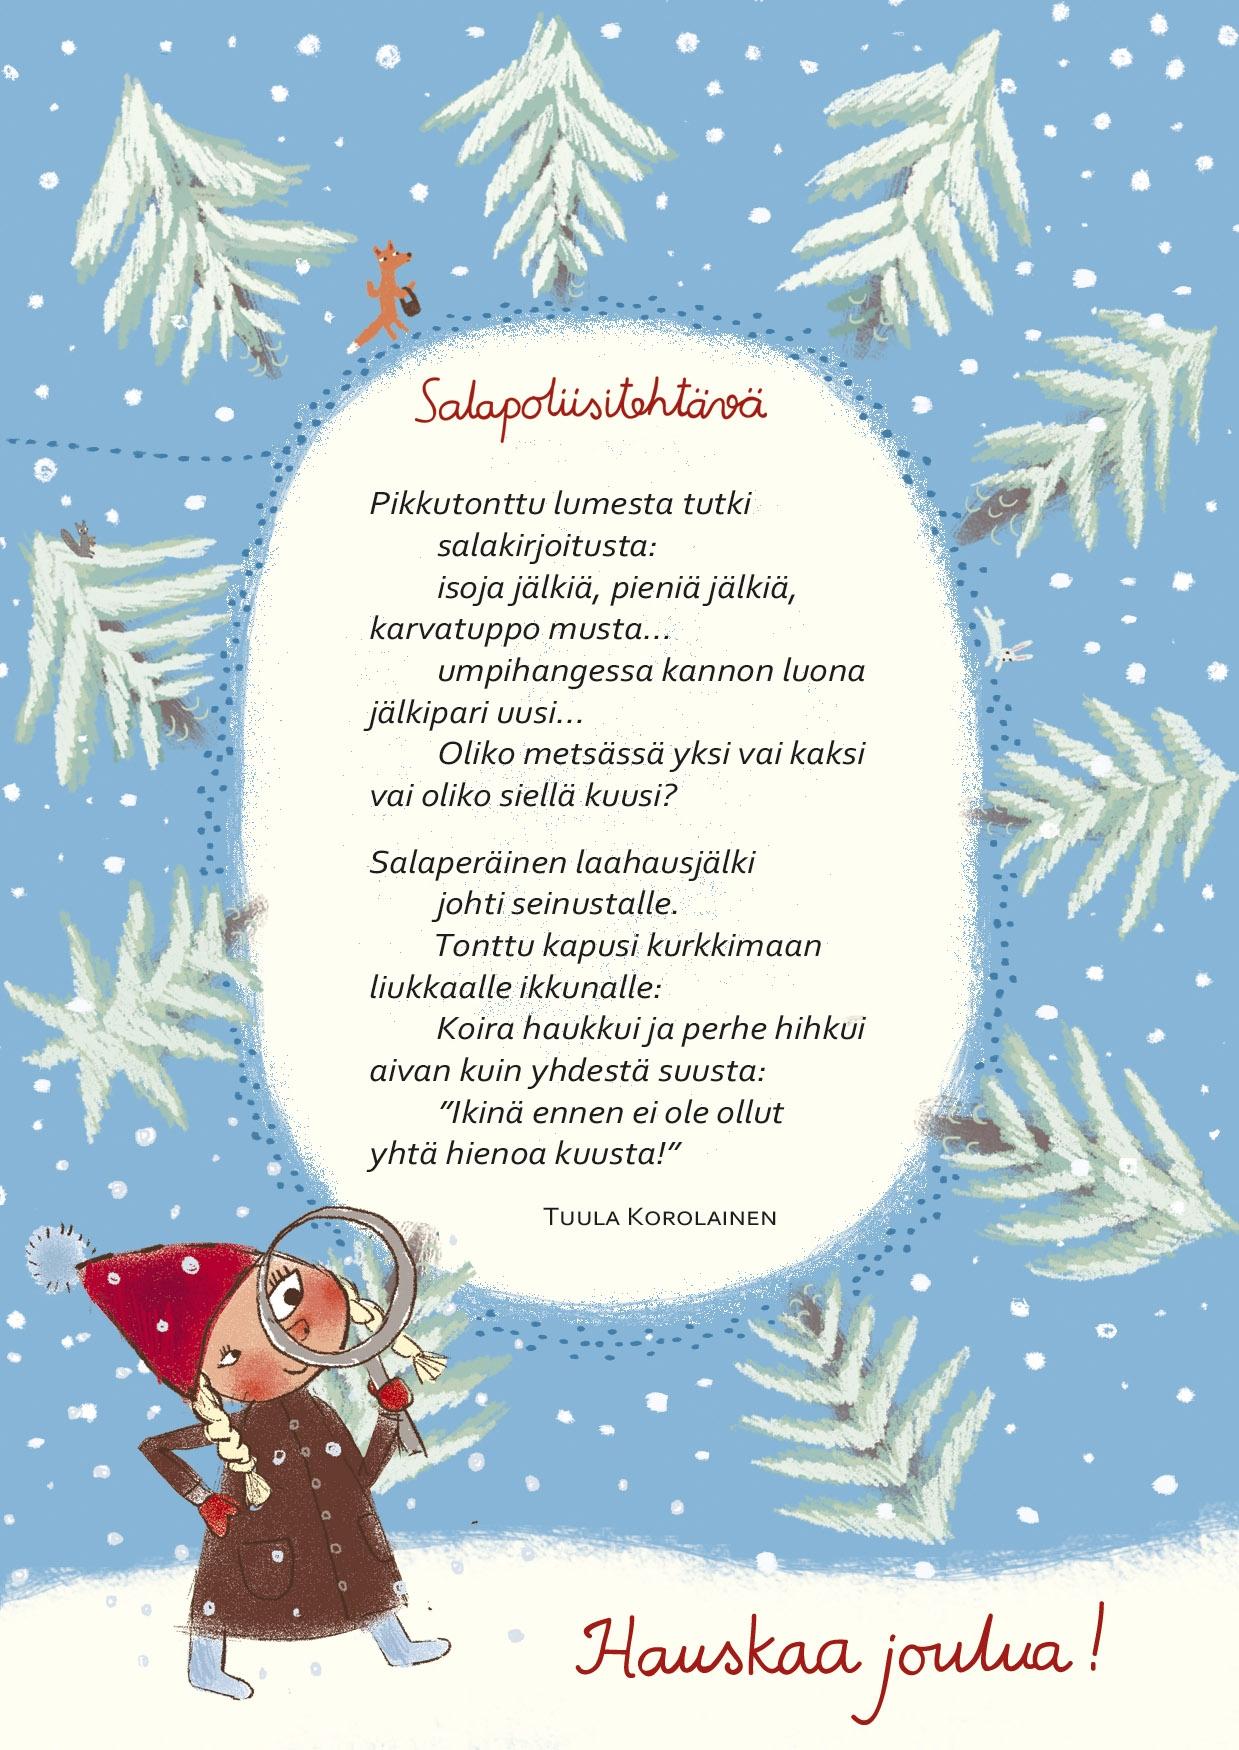 Pron_joulukorttii_tiedotus.JPG